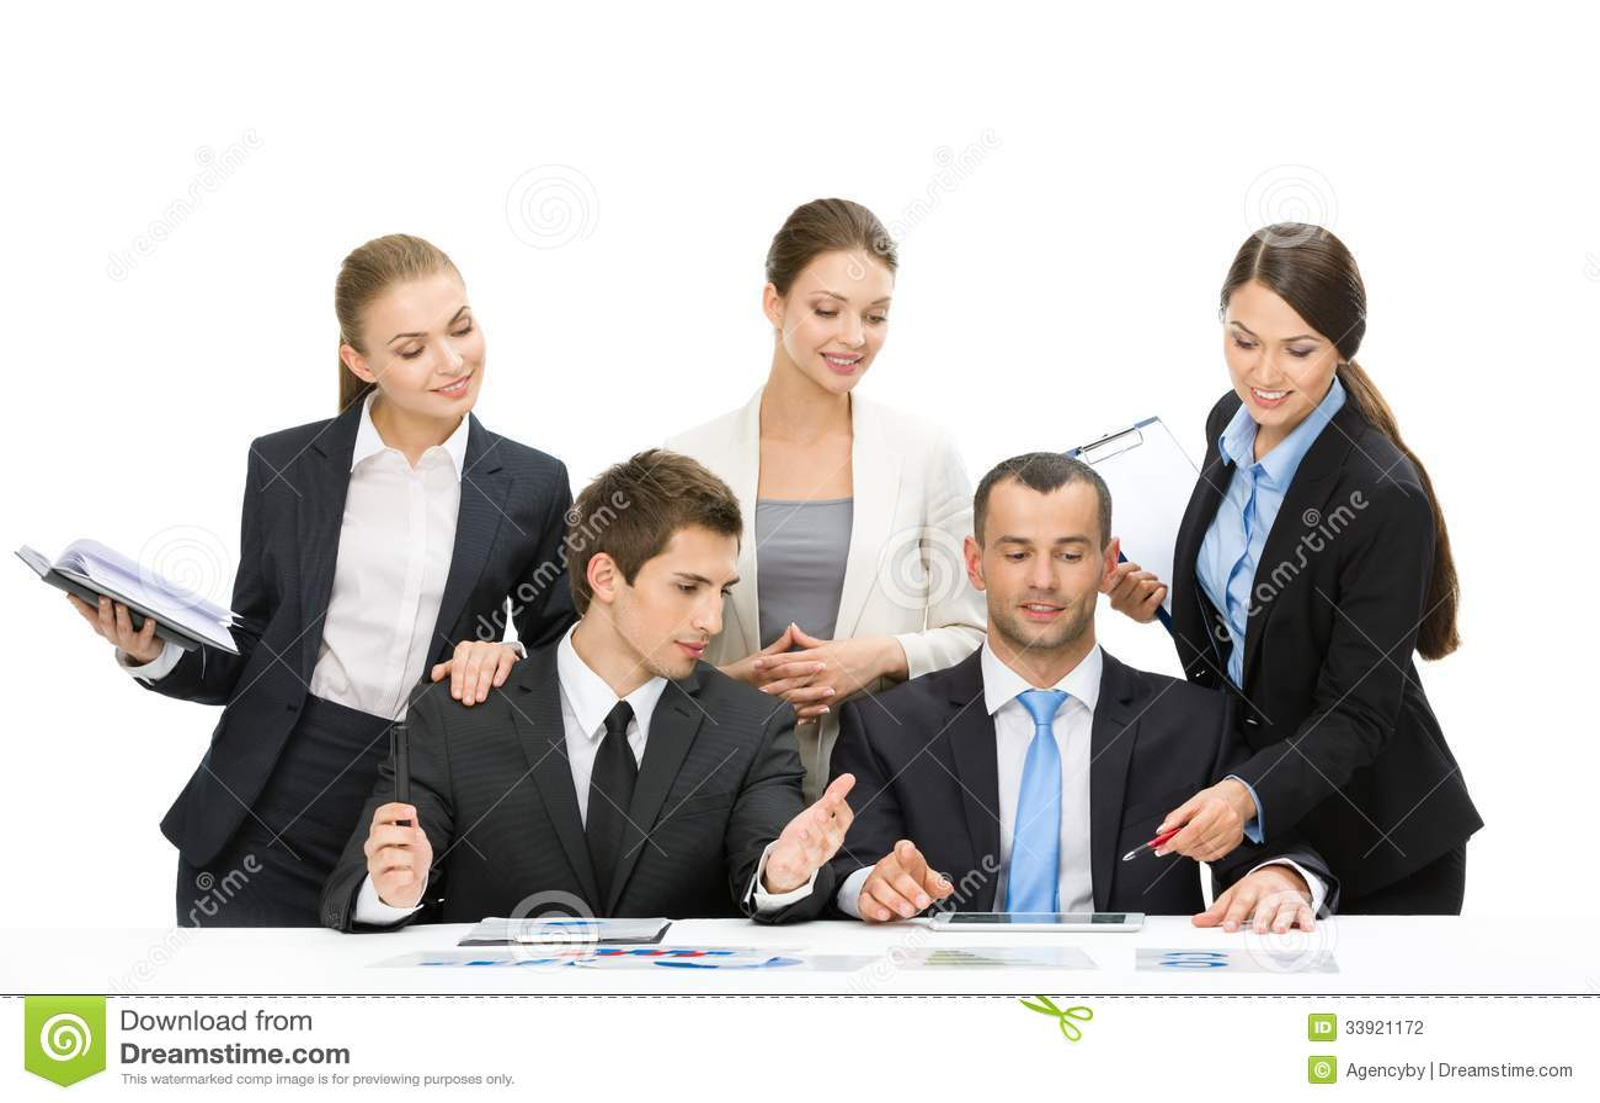 Executives Group 4